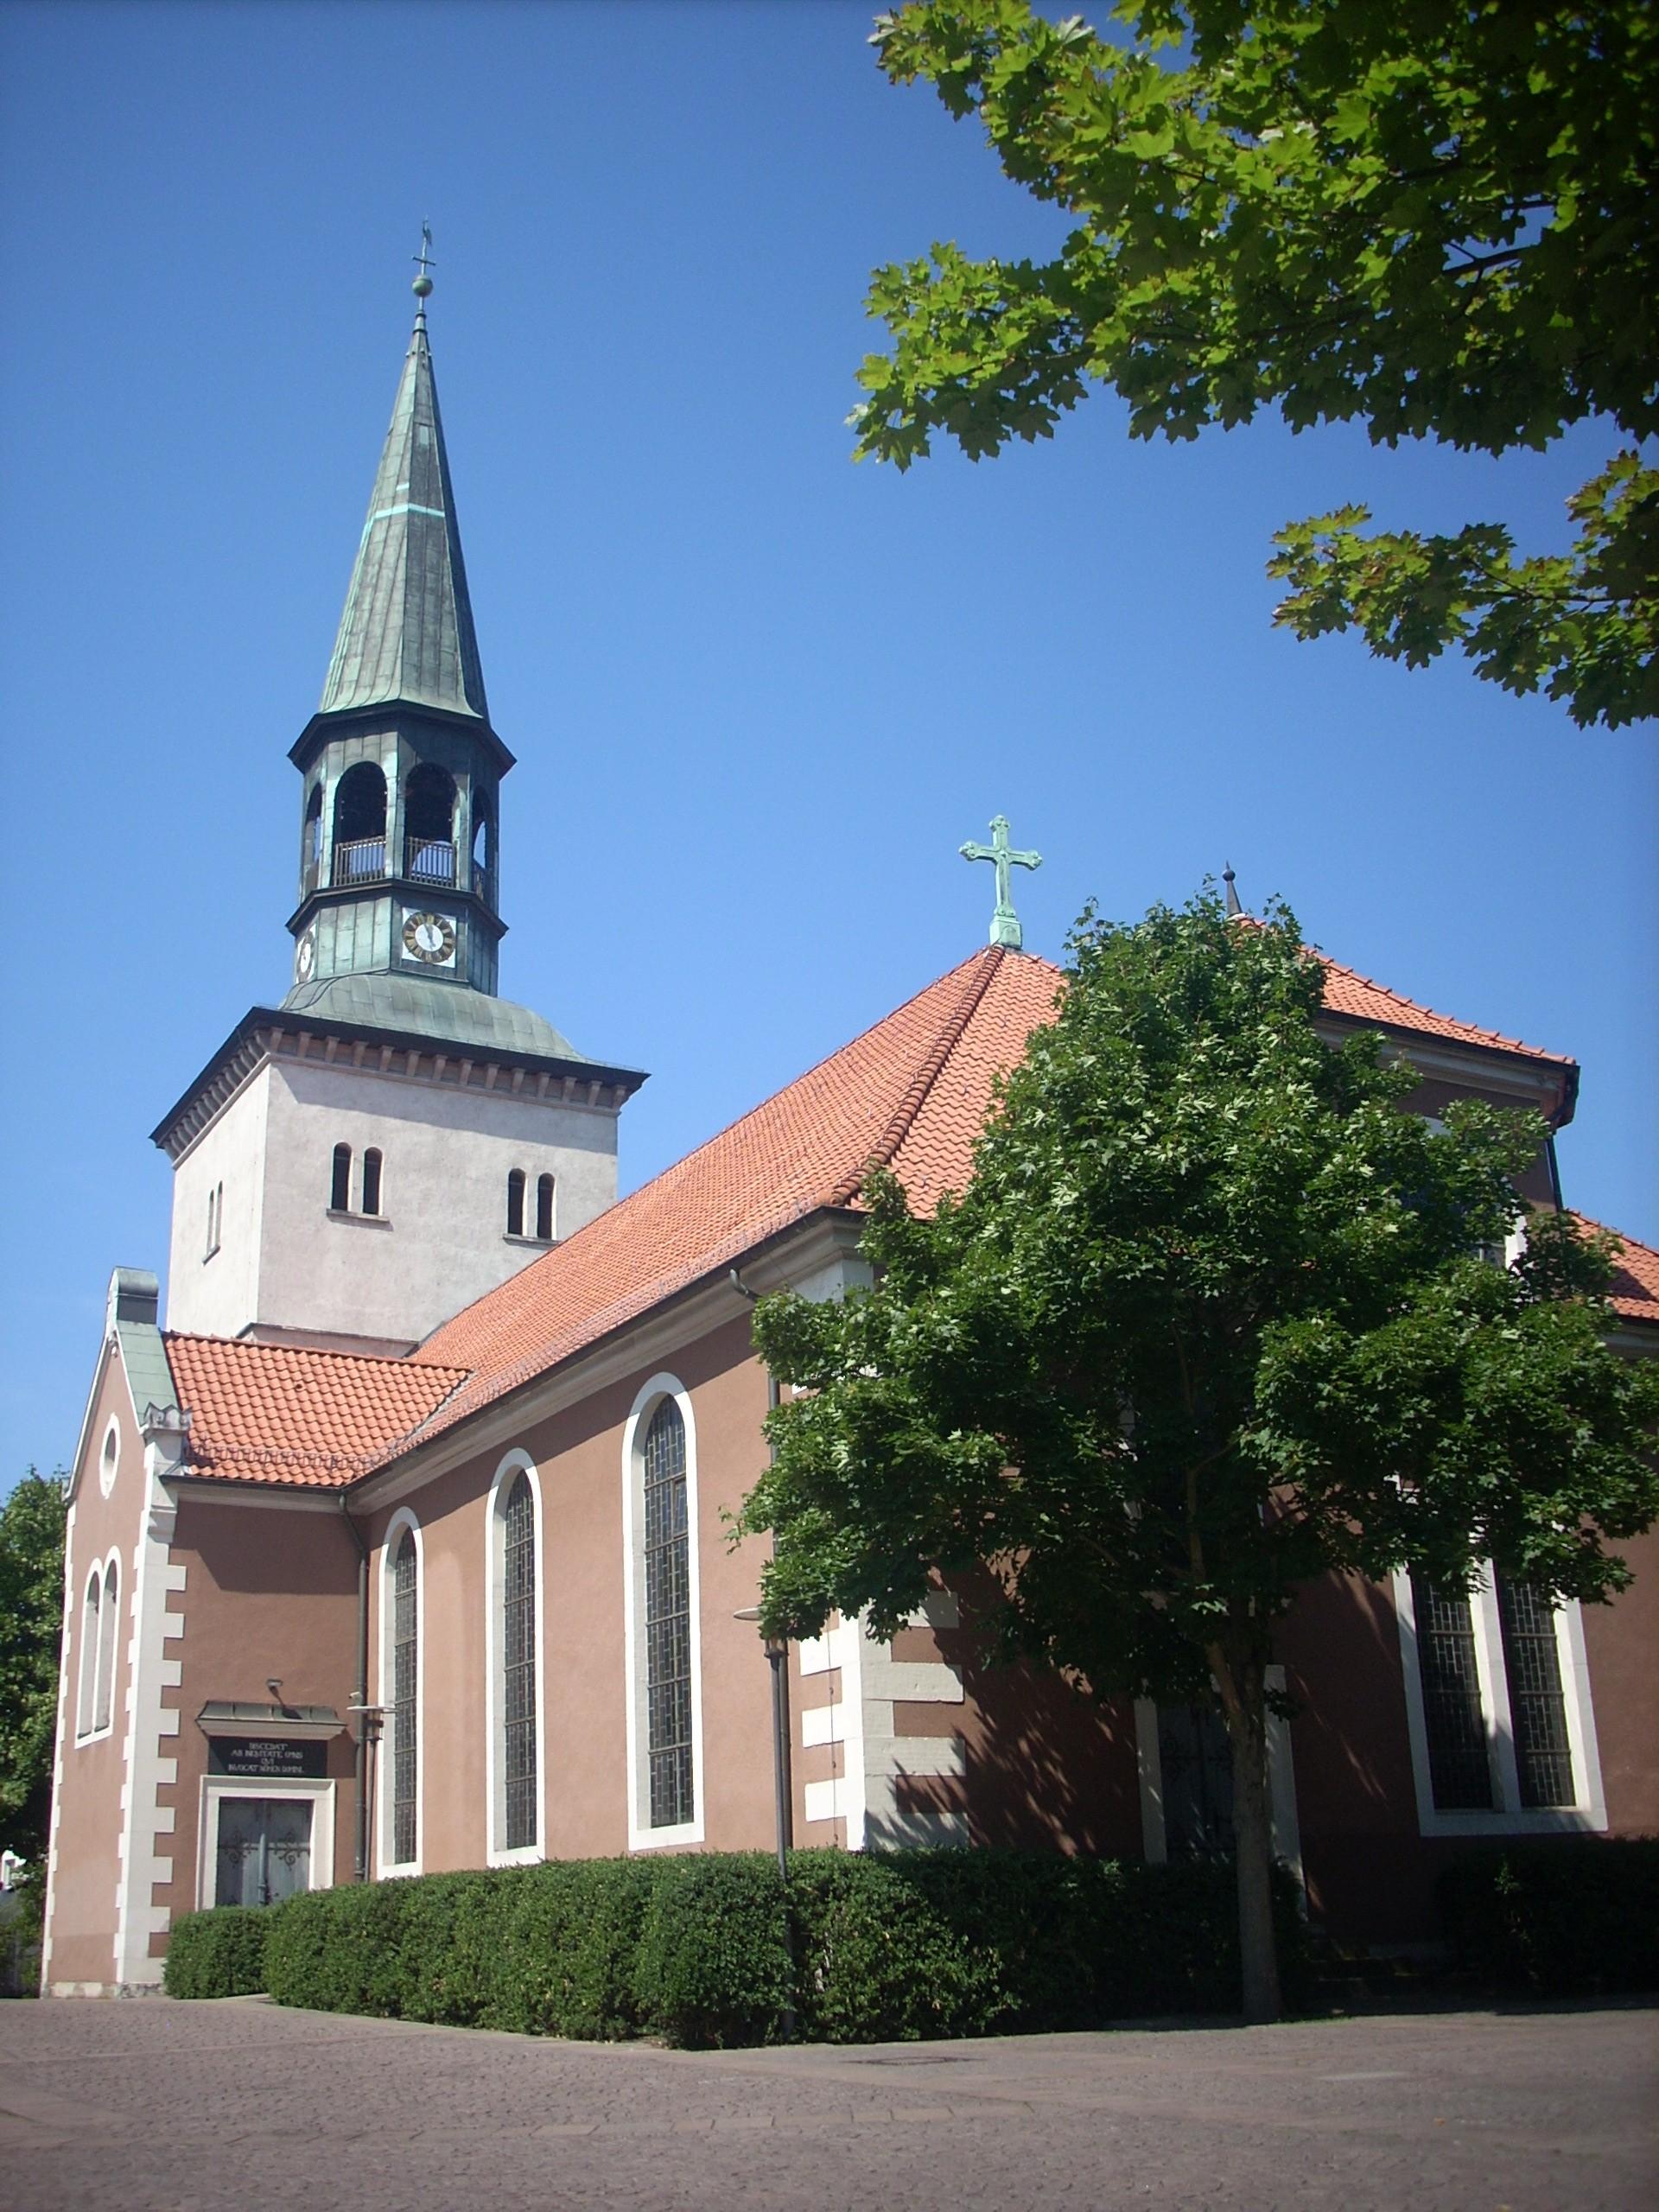 Bild von Burgdorf (Region Hannover): <center>St.-Pankratius-Kirche (Burgdorf)